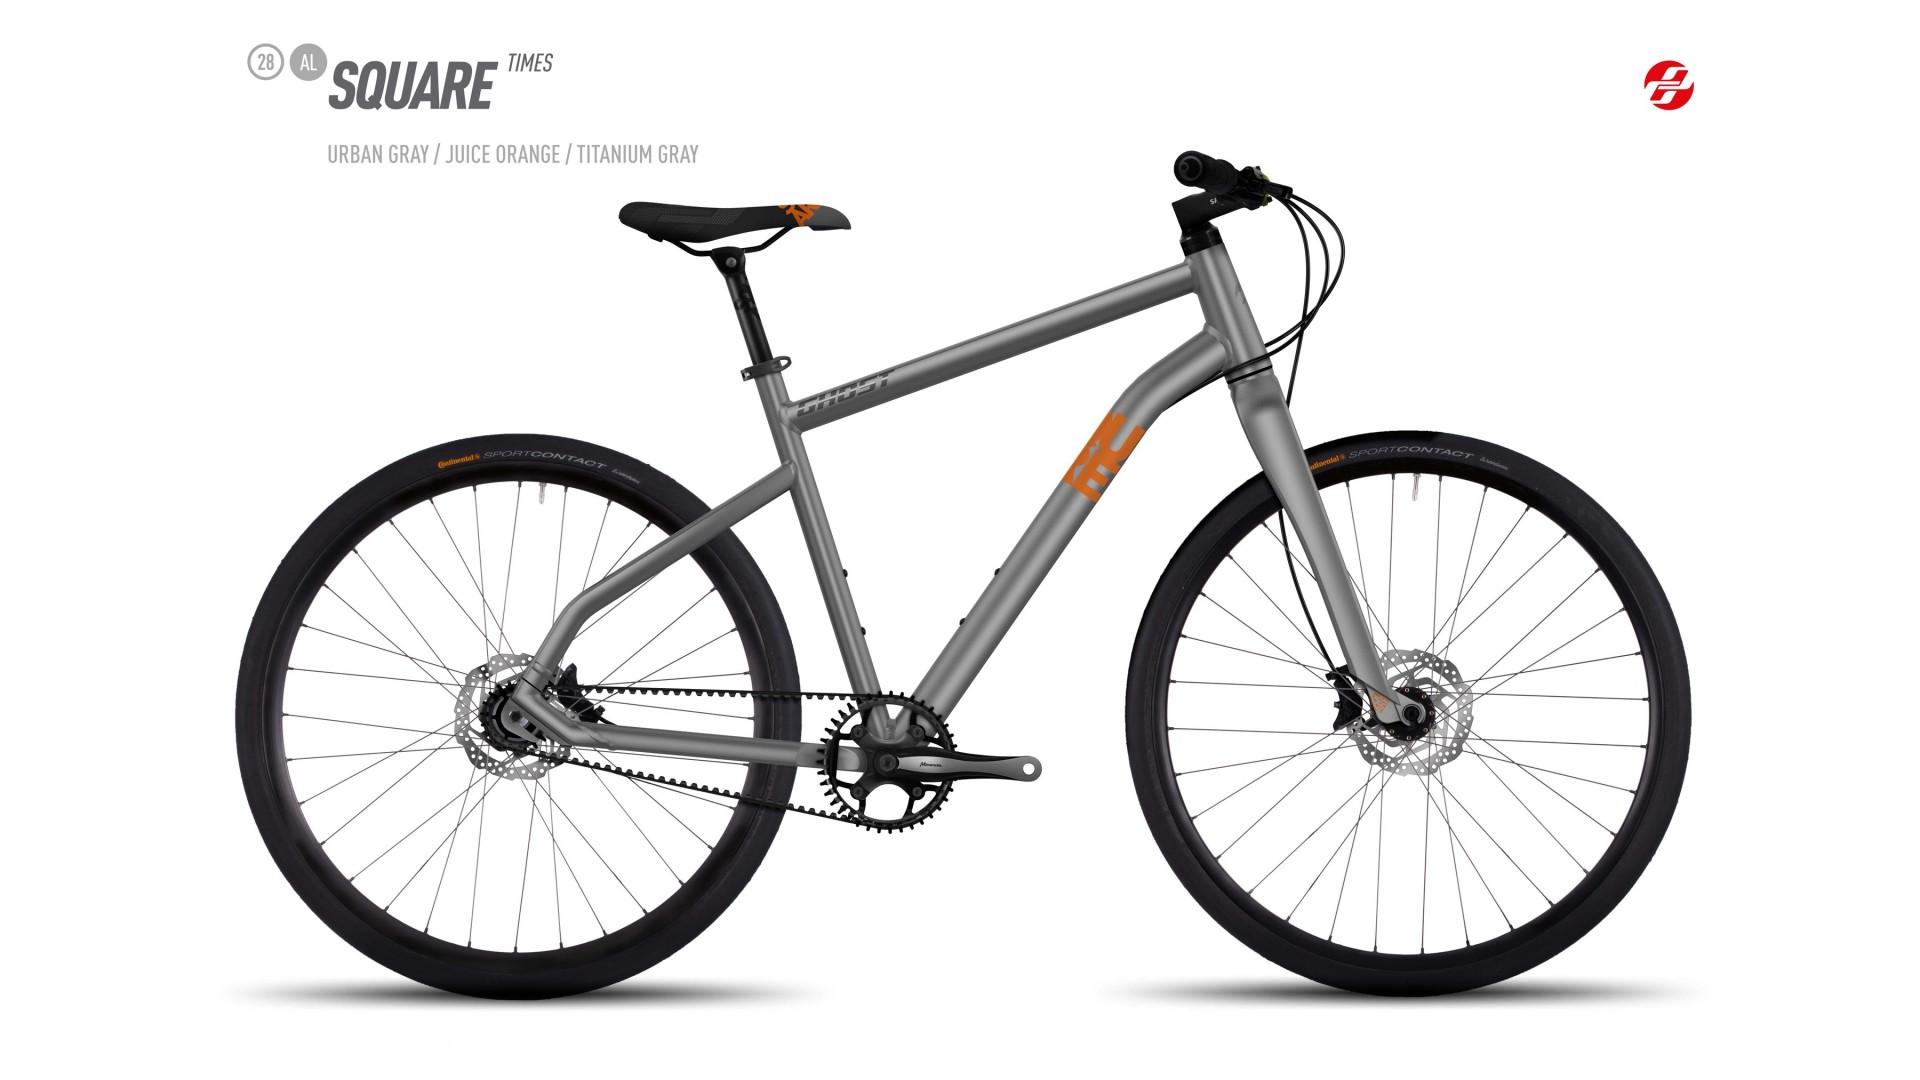 Велосипед GHOST SQUARE Times AL 28 urbangrey/juiceorange/titaniumgrey год 2017